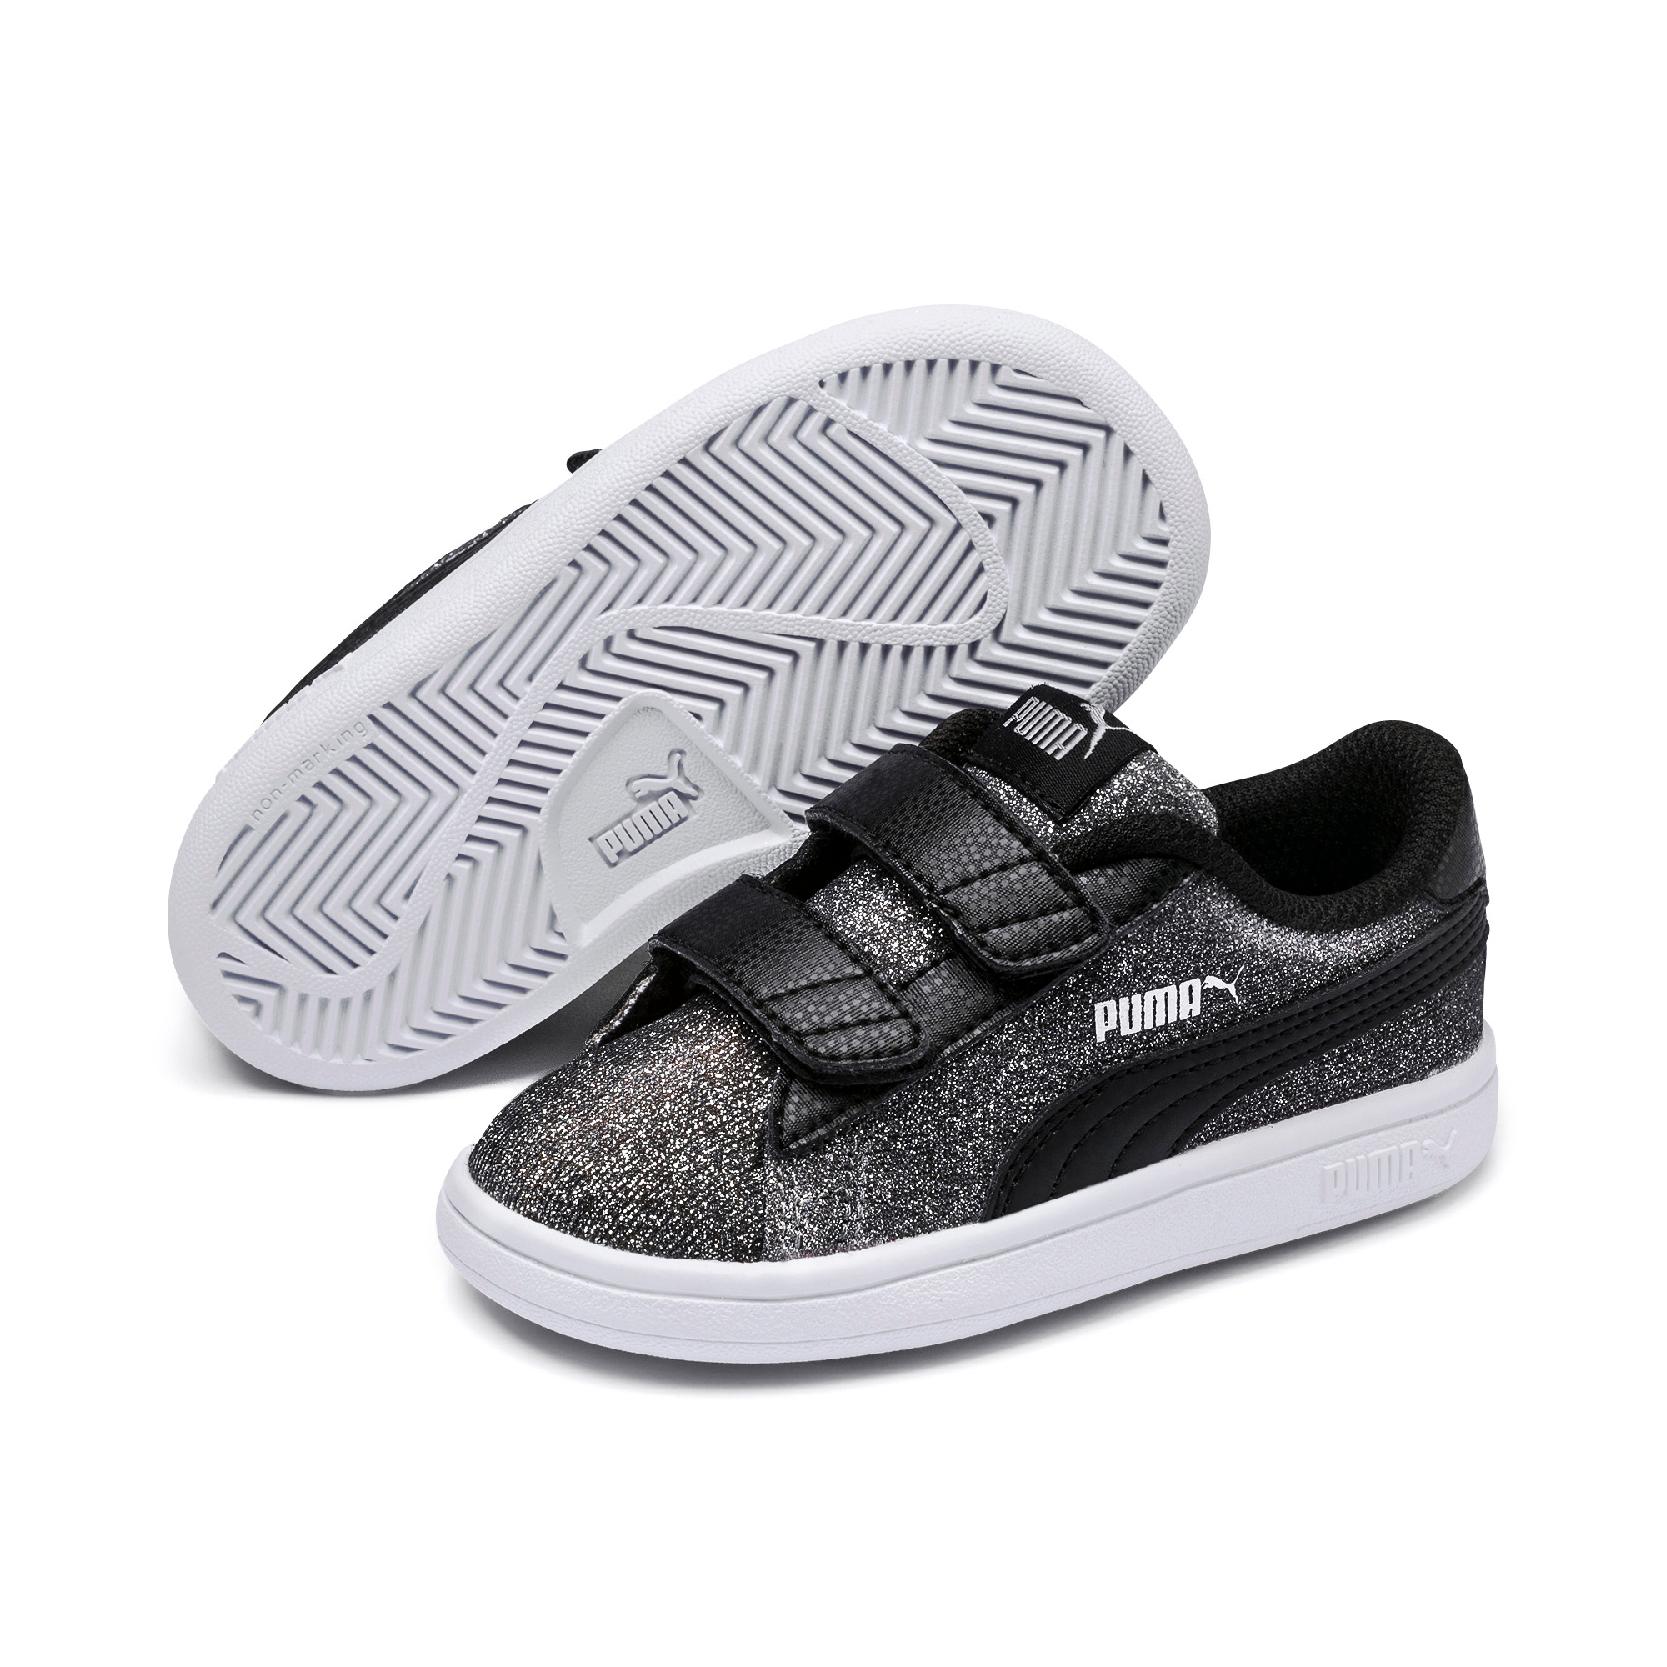 Puma Smash V2 L Jr sneakers